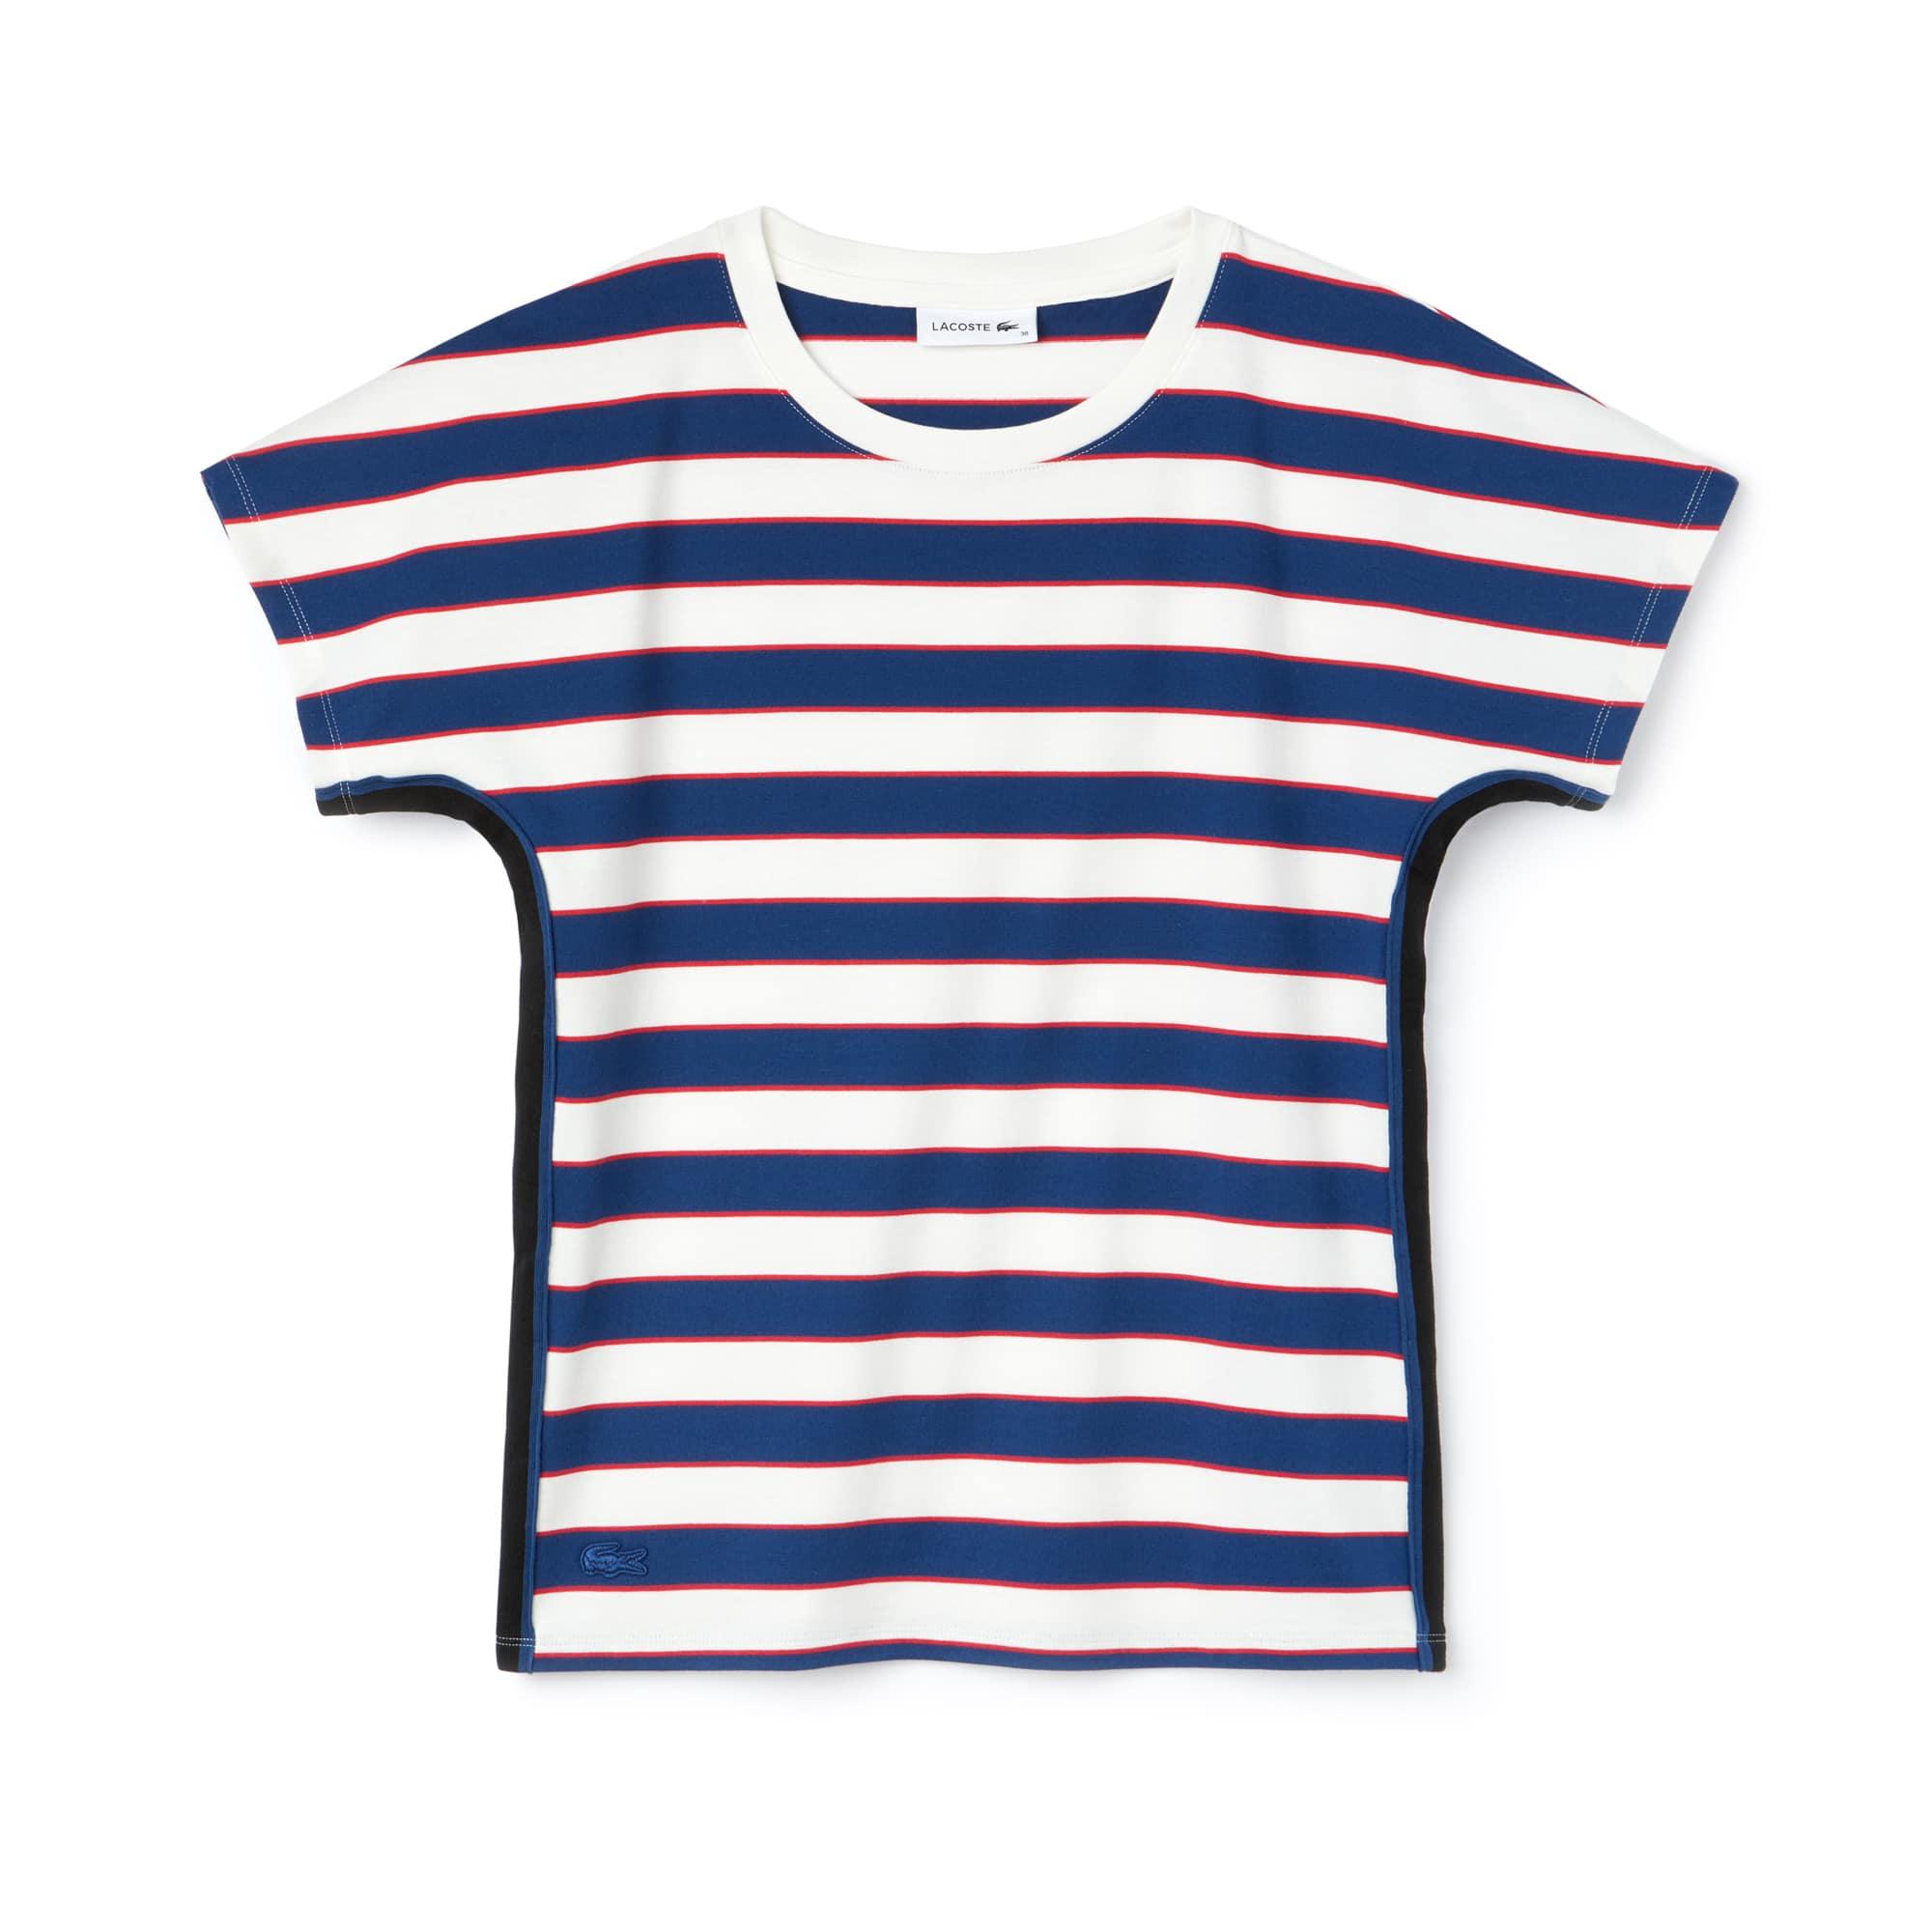 Damen Rundhals-T-Shirt aus Baumwolljersey mit Colorblocks